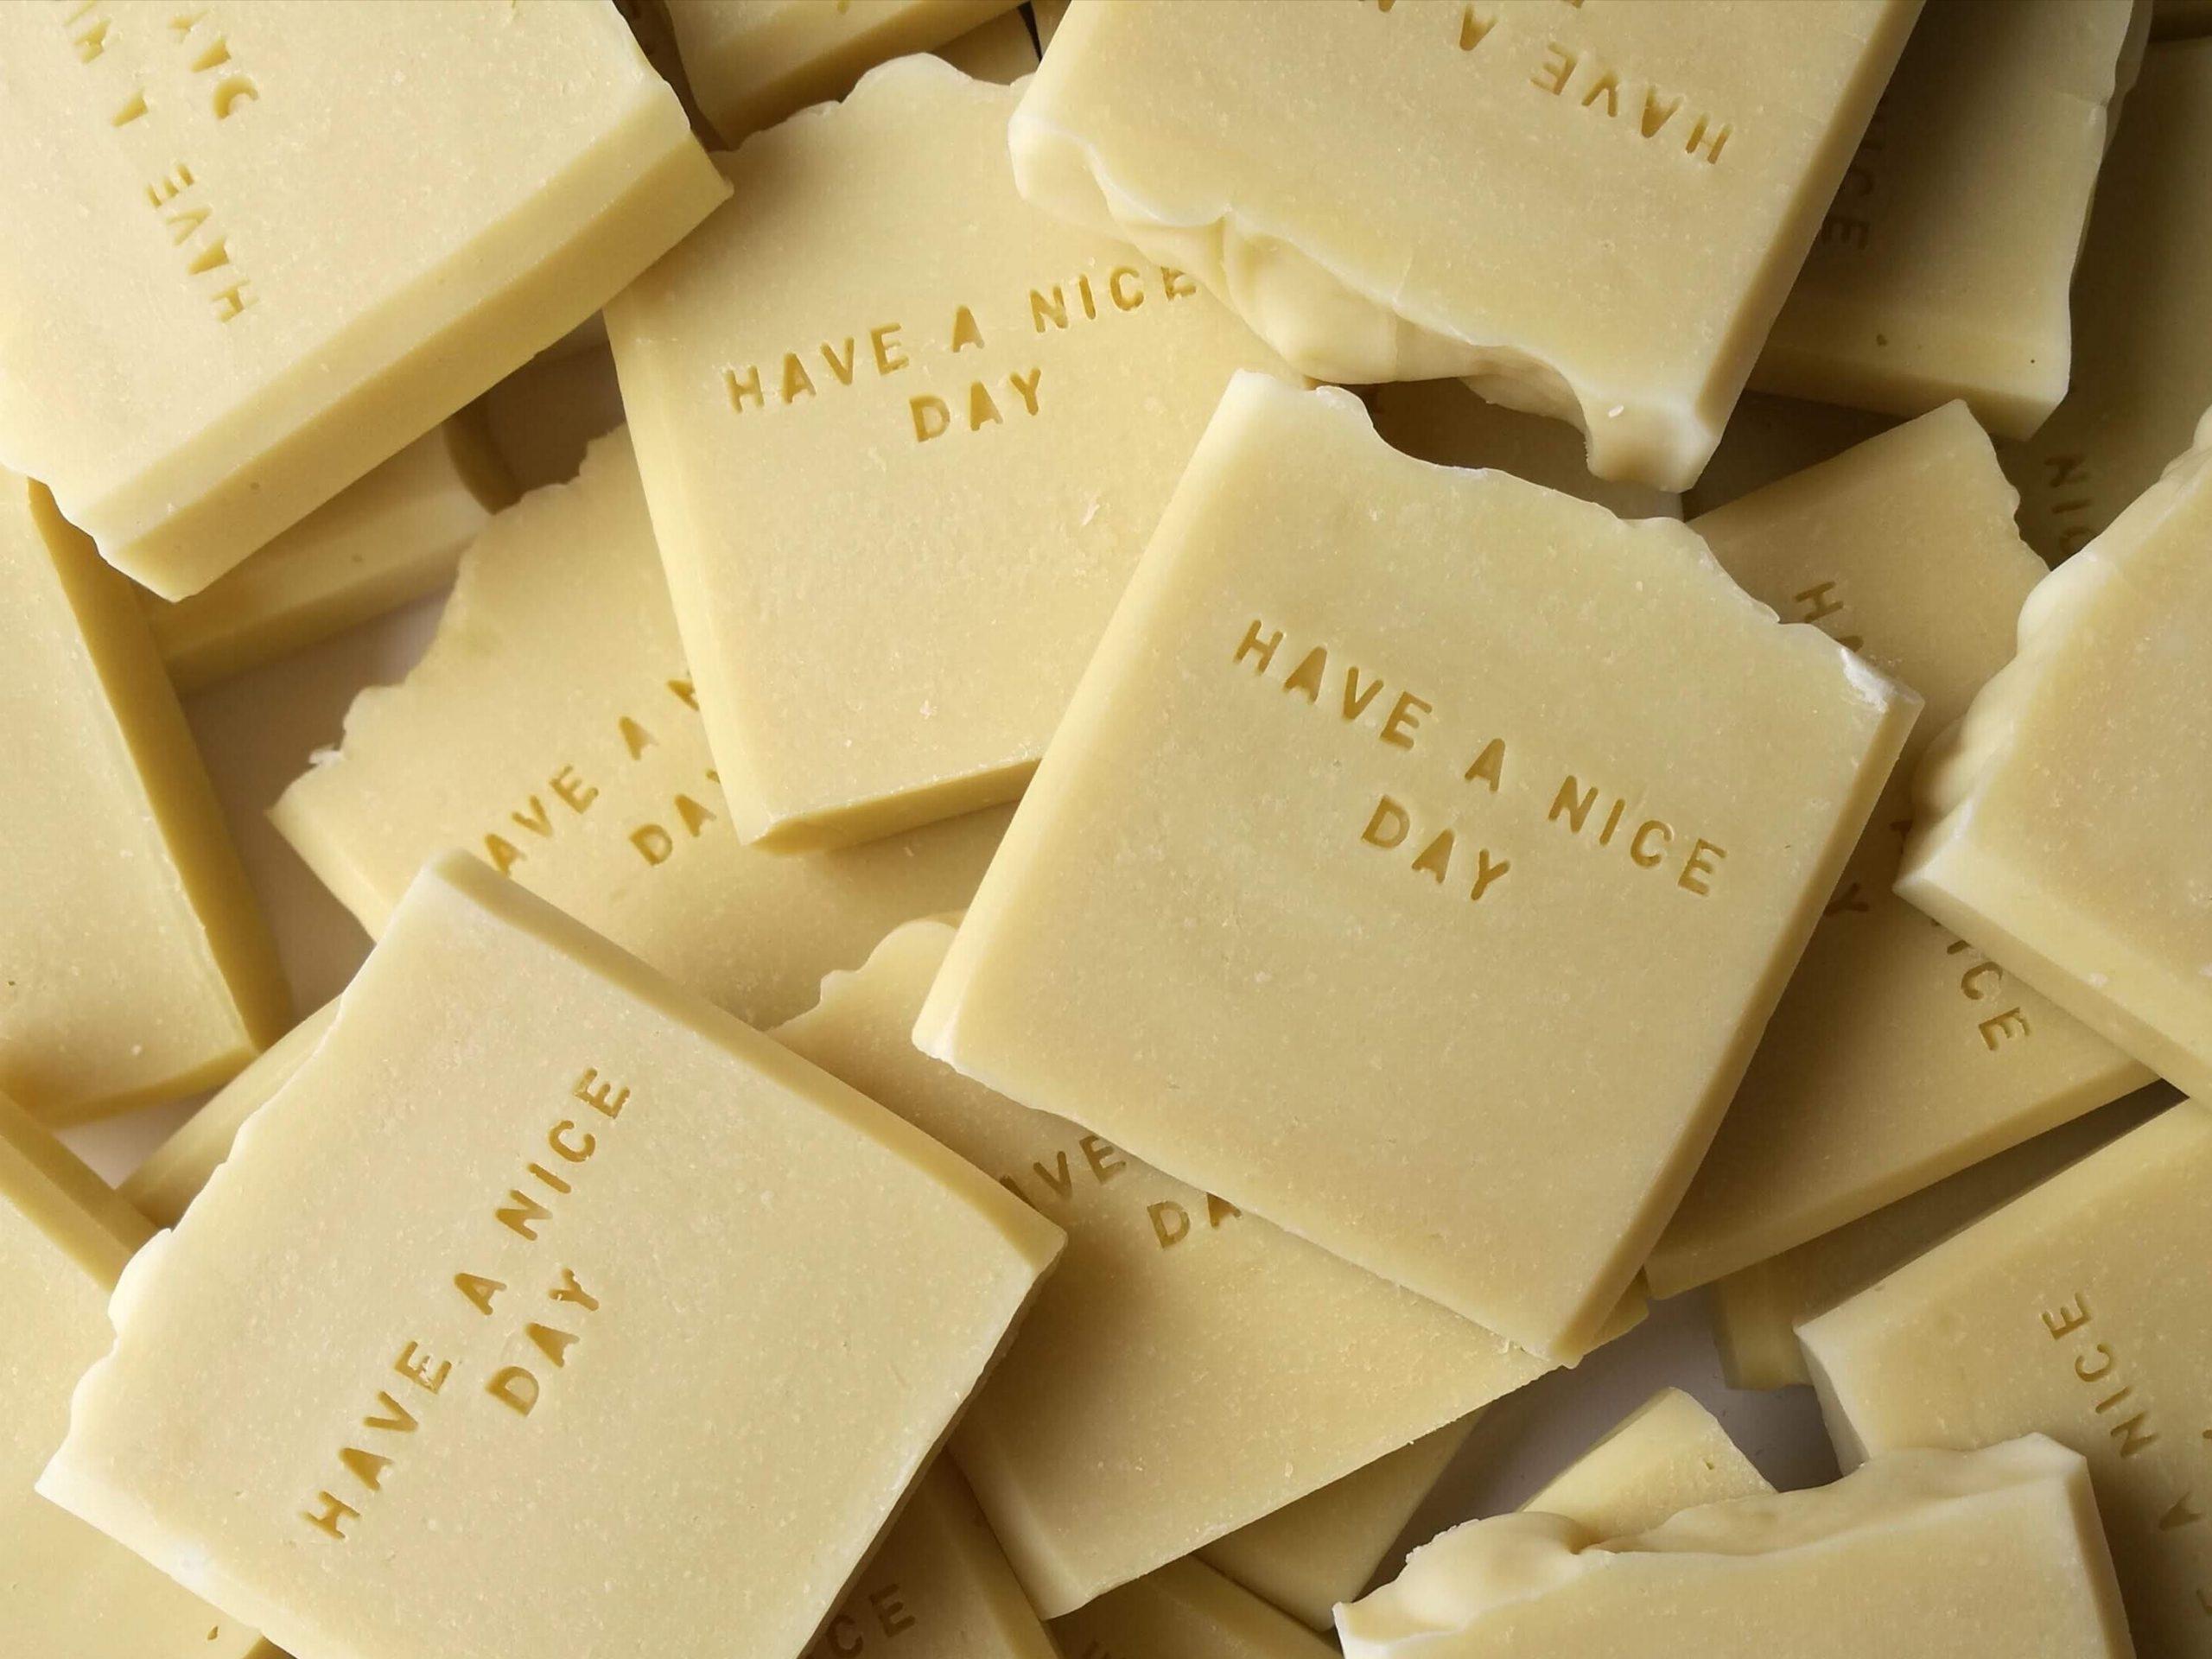 Prirodni sapun od maslinovog ulja.